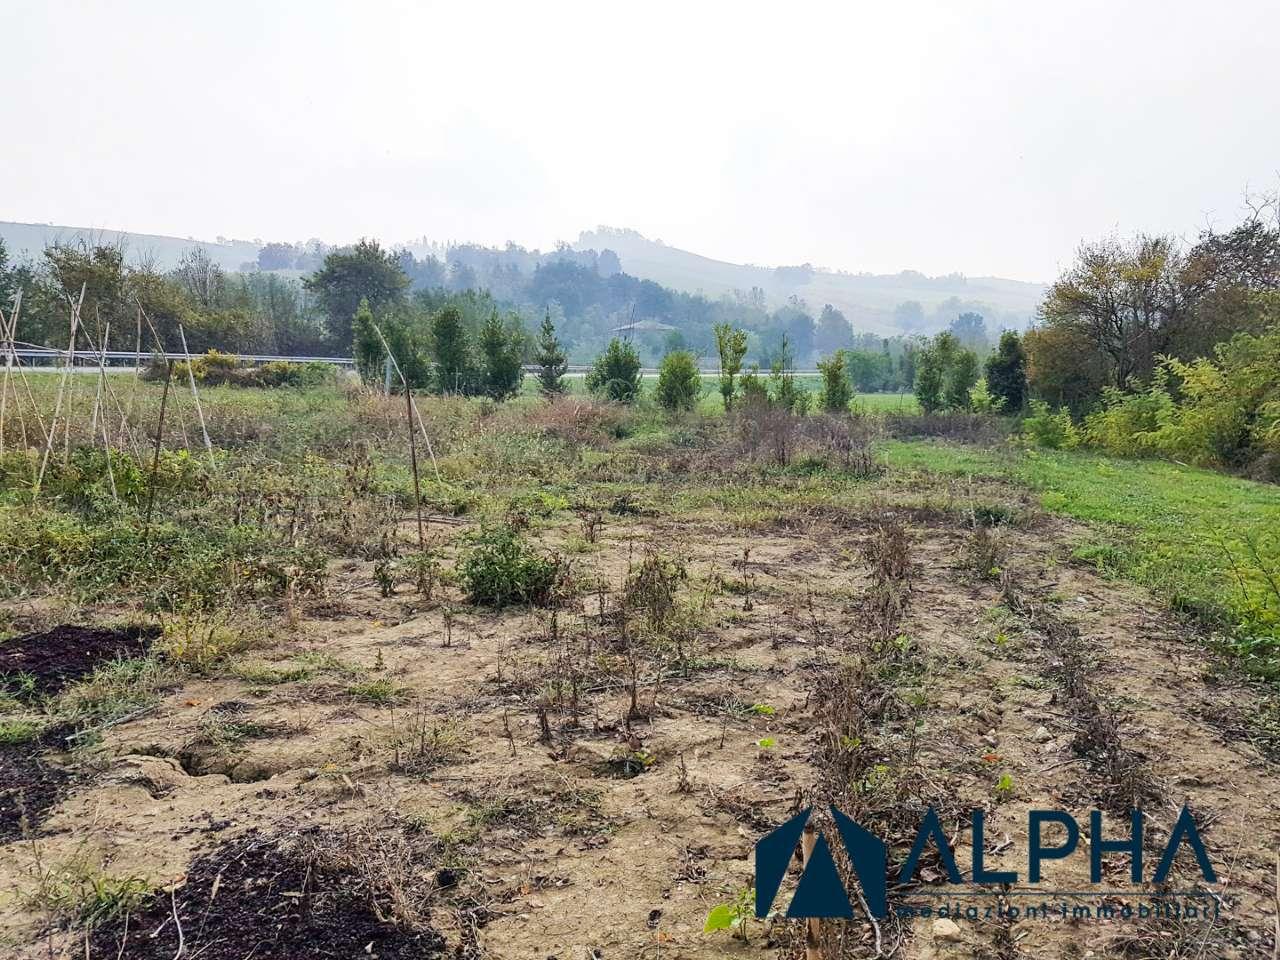 Terreno Agricolo in vendita a Castrocaro Terme e Terra del Sole, 9999 locali, prezzo € 50.000 | CambioCasa.it